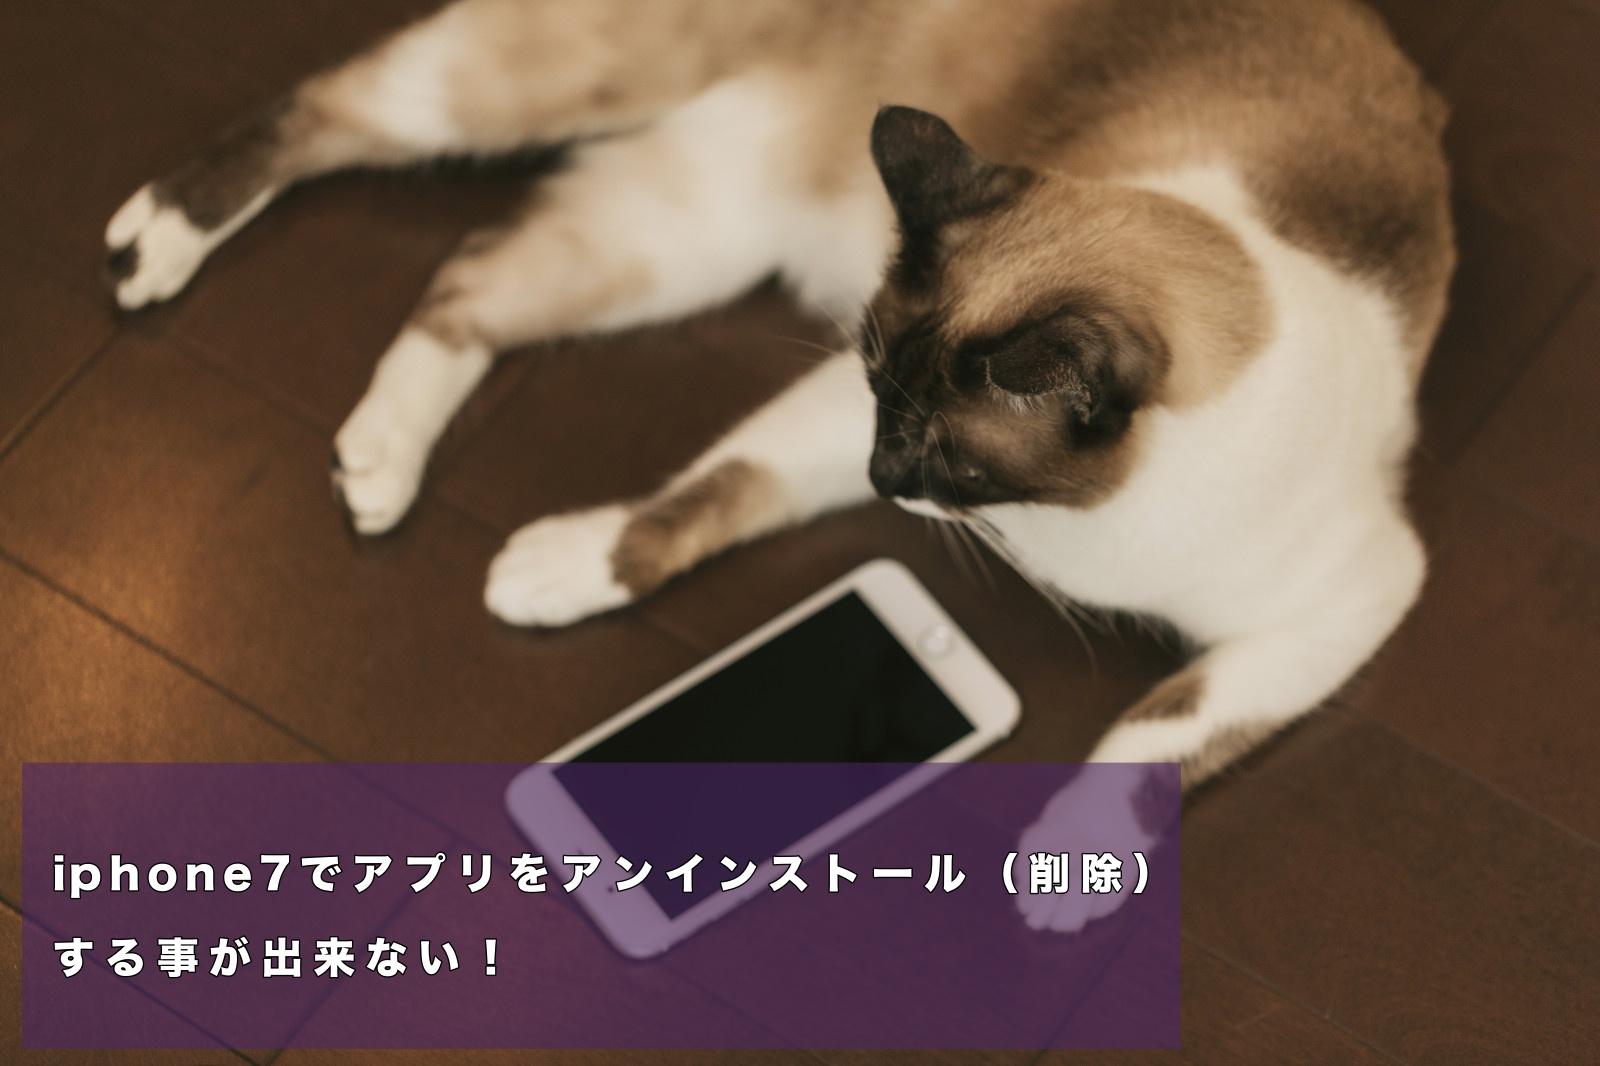 iphone7でアプリをアンインストール(削除)する事が出来ない!